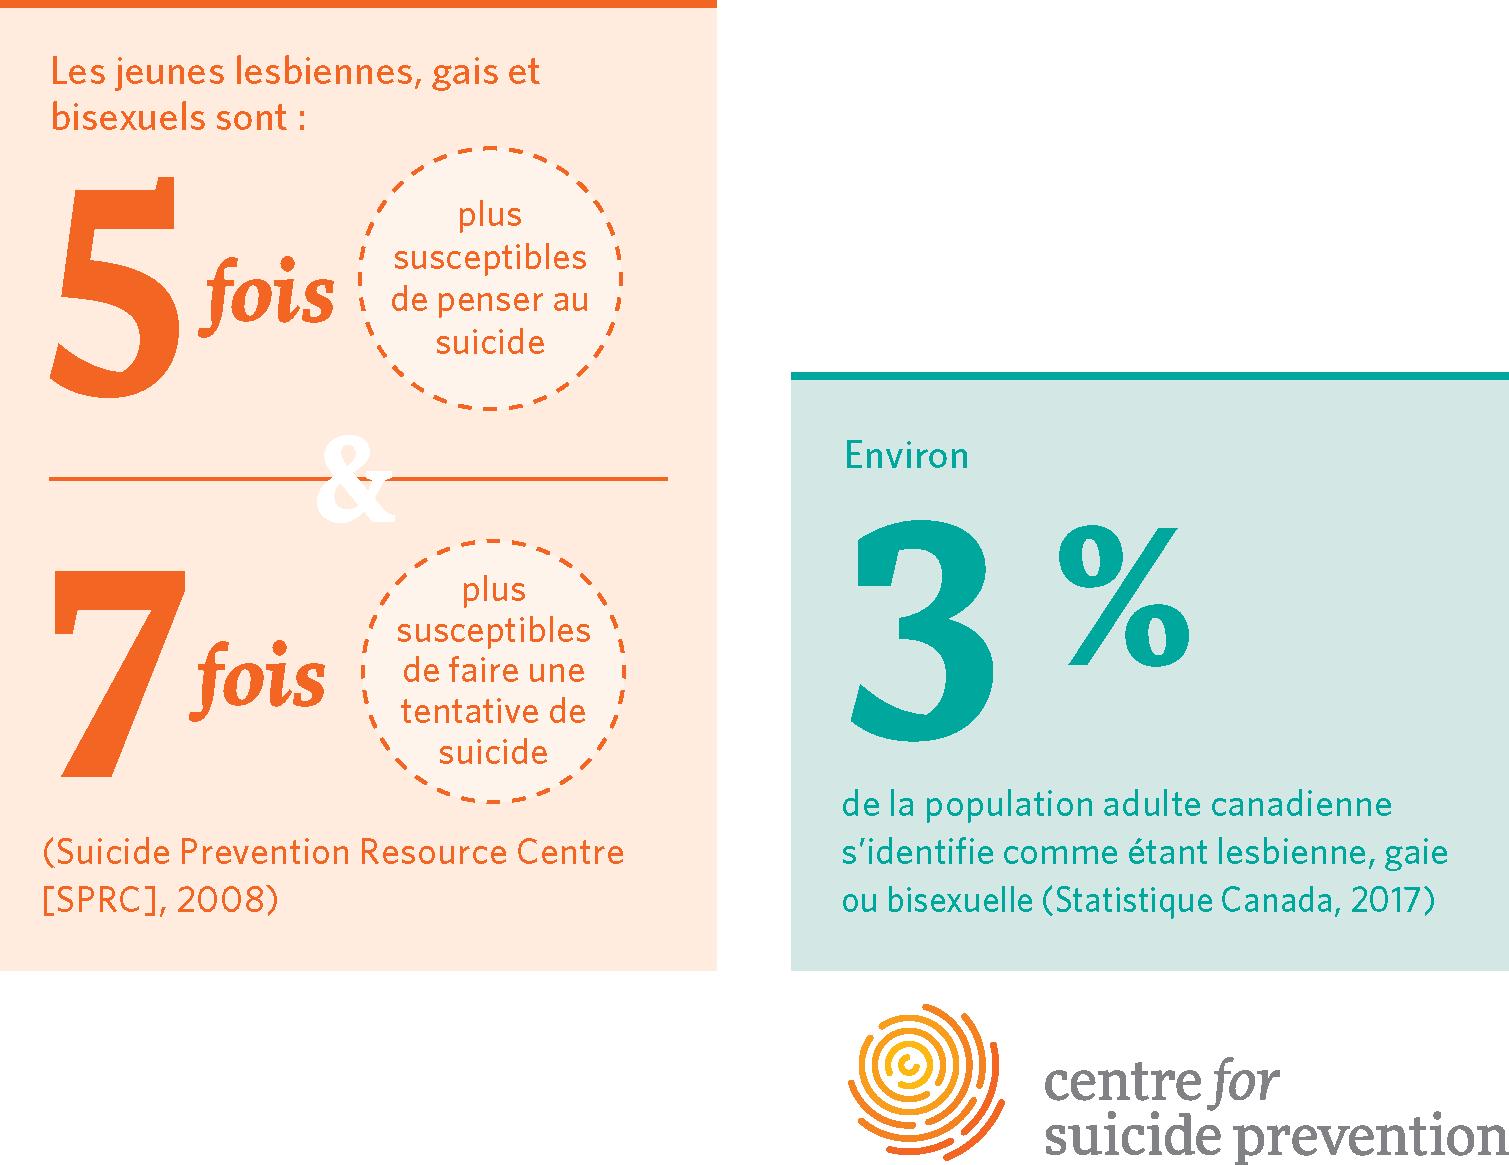 Environ 3% de la population adulte canadienne s'identifie comme étant lesbienne, gaie ou bisexuelle (Statistique Canada, 2017) Les jeunes lesbiennes, gais et bisexuels sont: 5 fois plus susceptibles de penser au suicide 7 fois plus susceptibles de faire une tentative de suicide (Suicide Prevention Resource Centre [SPRC], 2008)